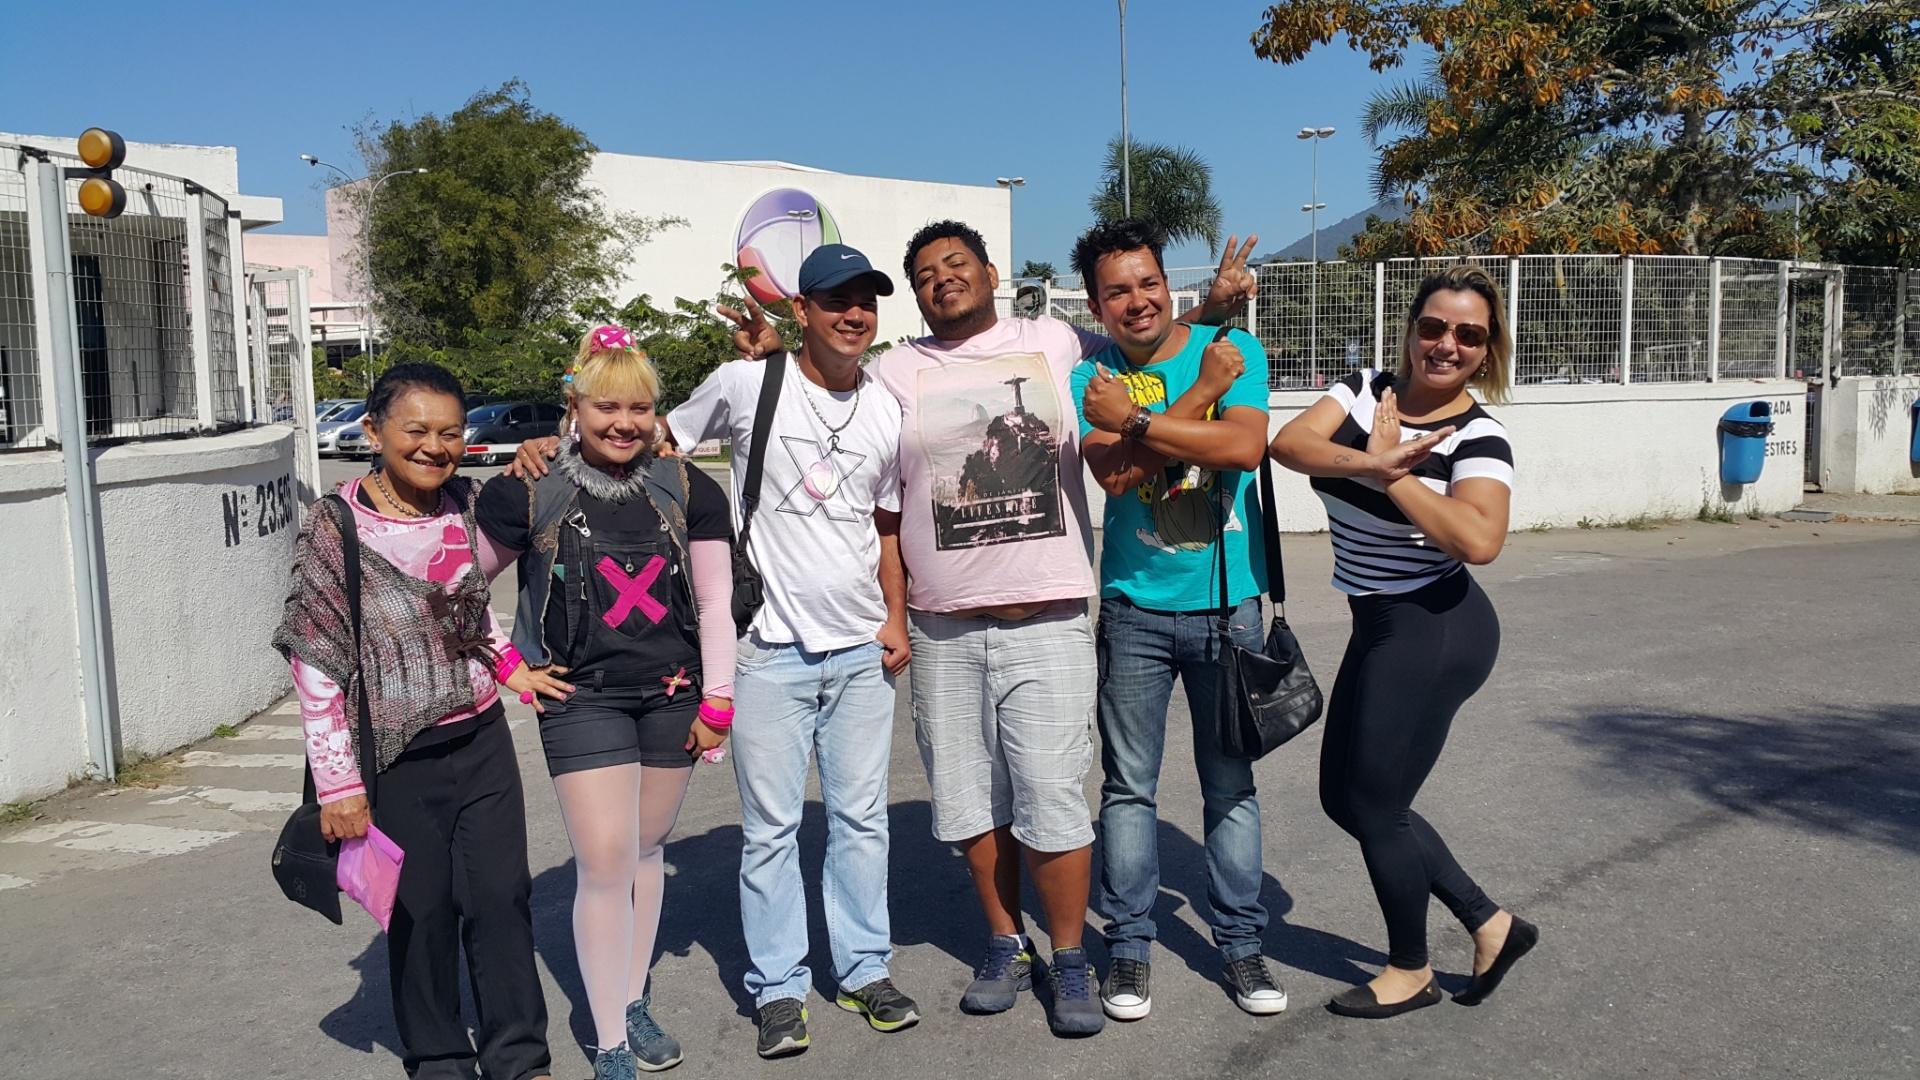 11.ago.2015 - Fãs se reúnem em frente ao Recnov, complexo de estúdios da Record no Rio de Janeiro, antes do início da coletiva de imprensa do novo programa de Xuxa Meneghel